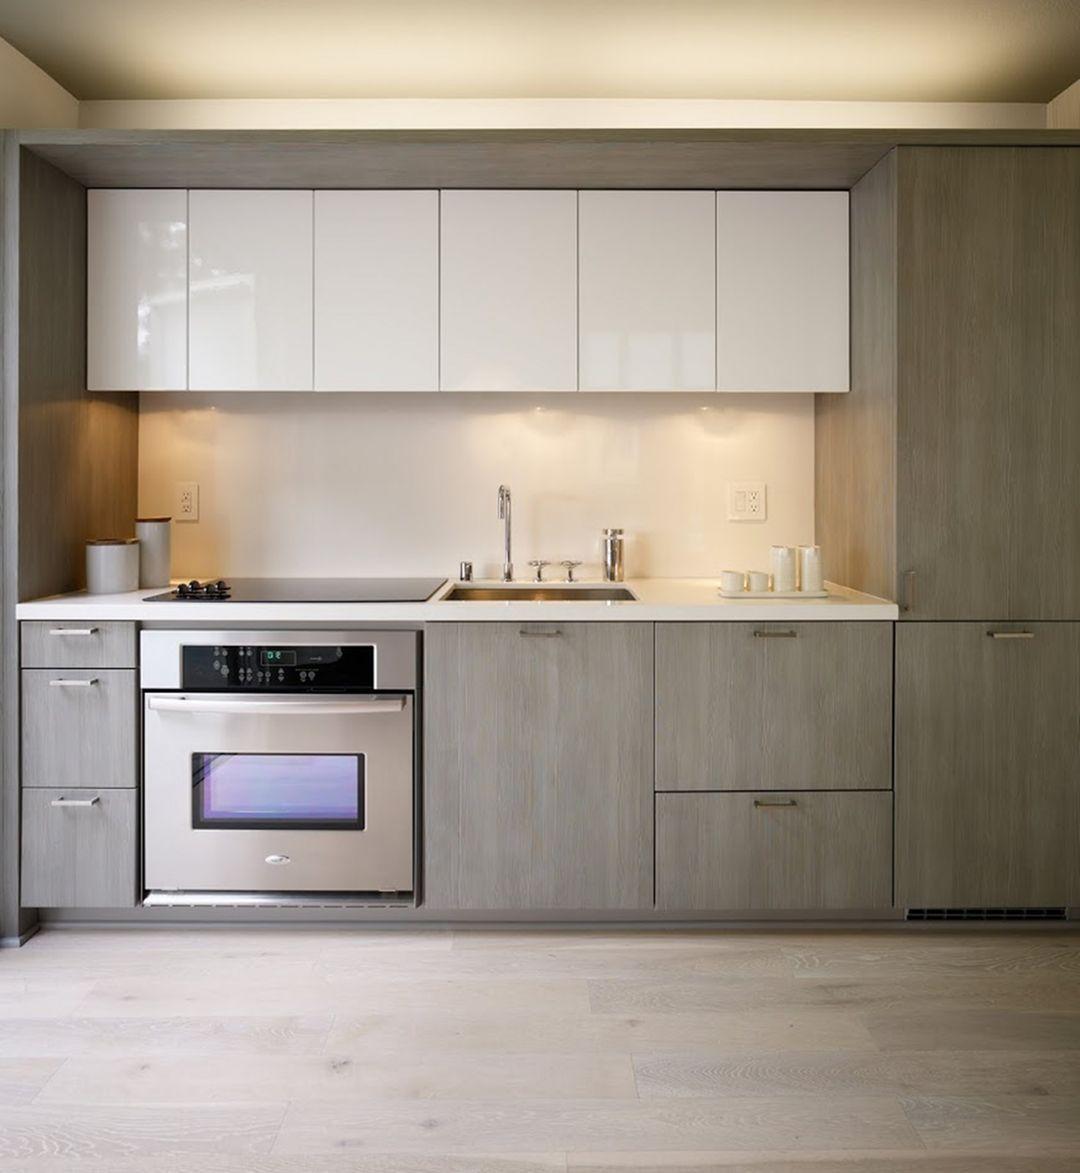 Modern Minimalist Kitchen Cabinets: Best 15+ Amazing Small Modern Kitchen Design Ideas